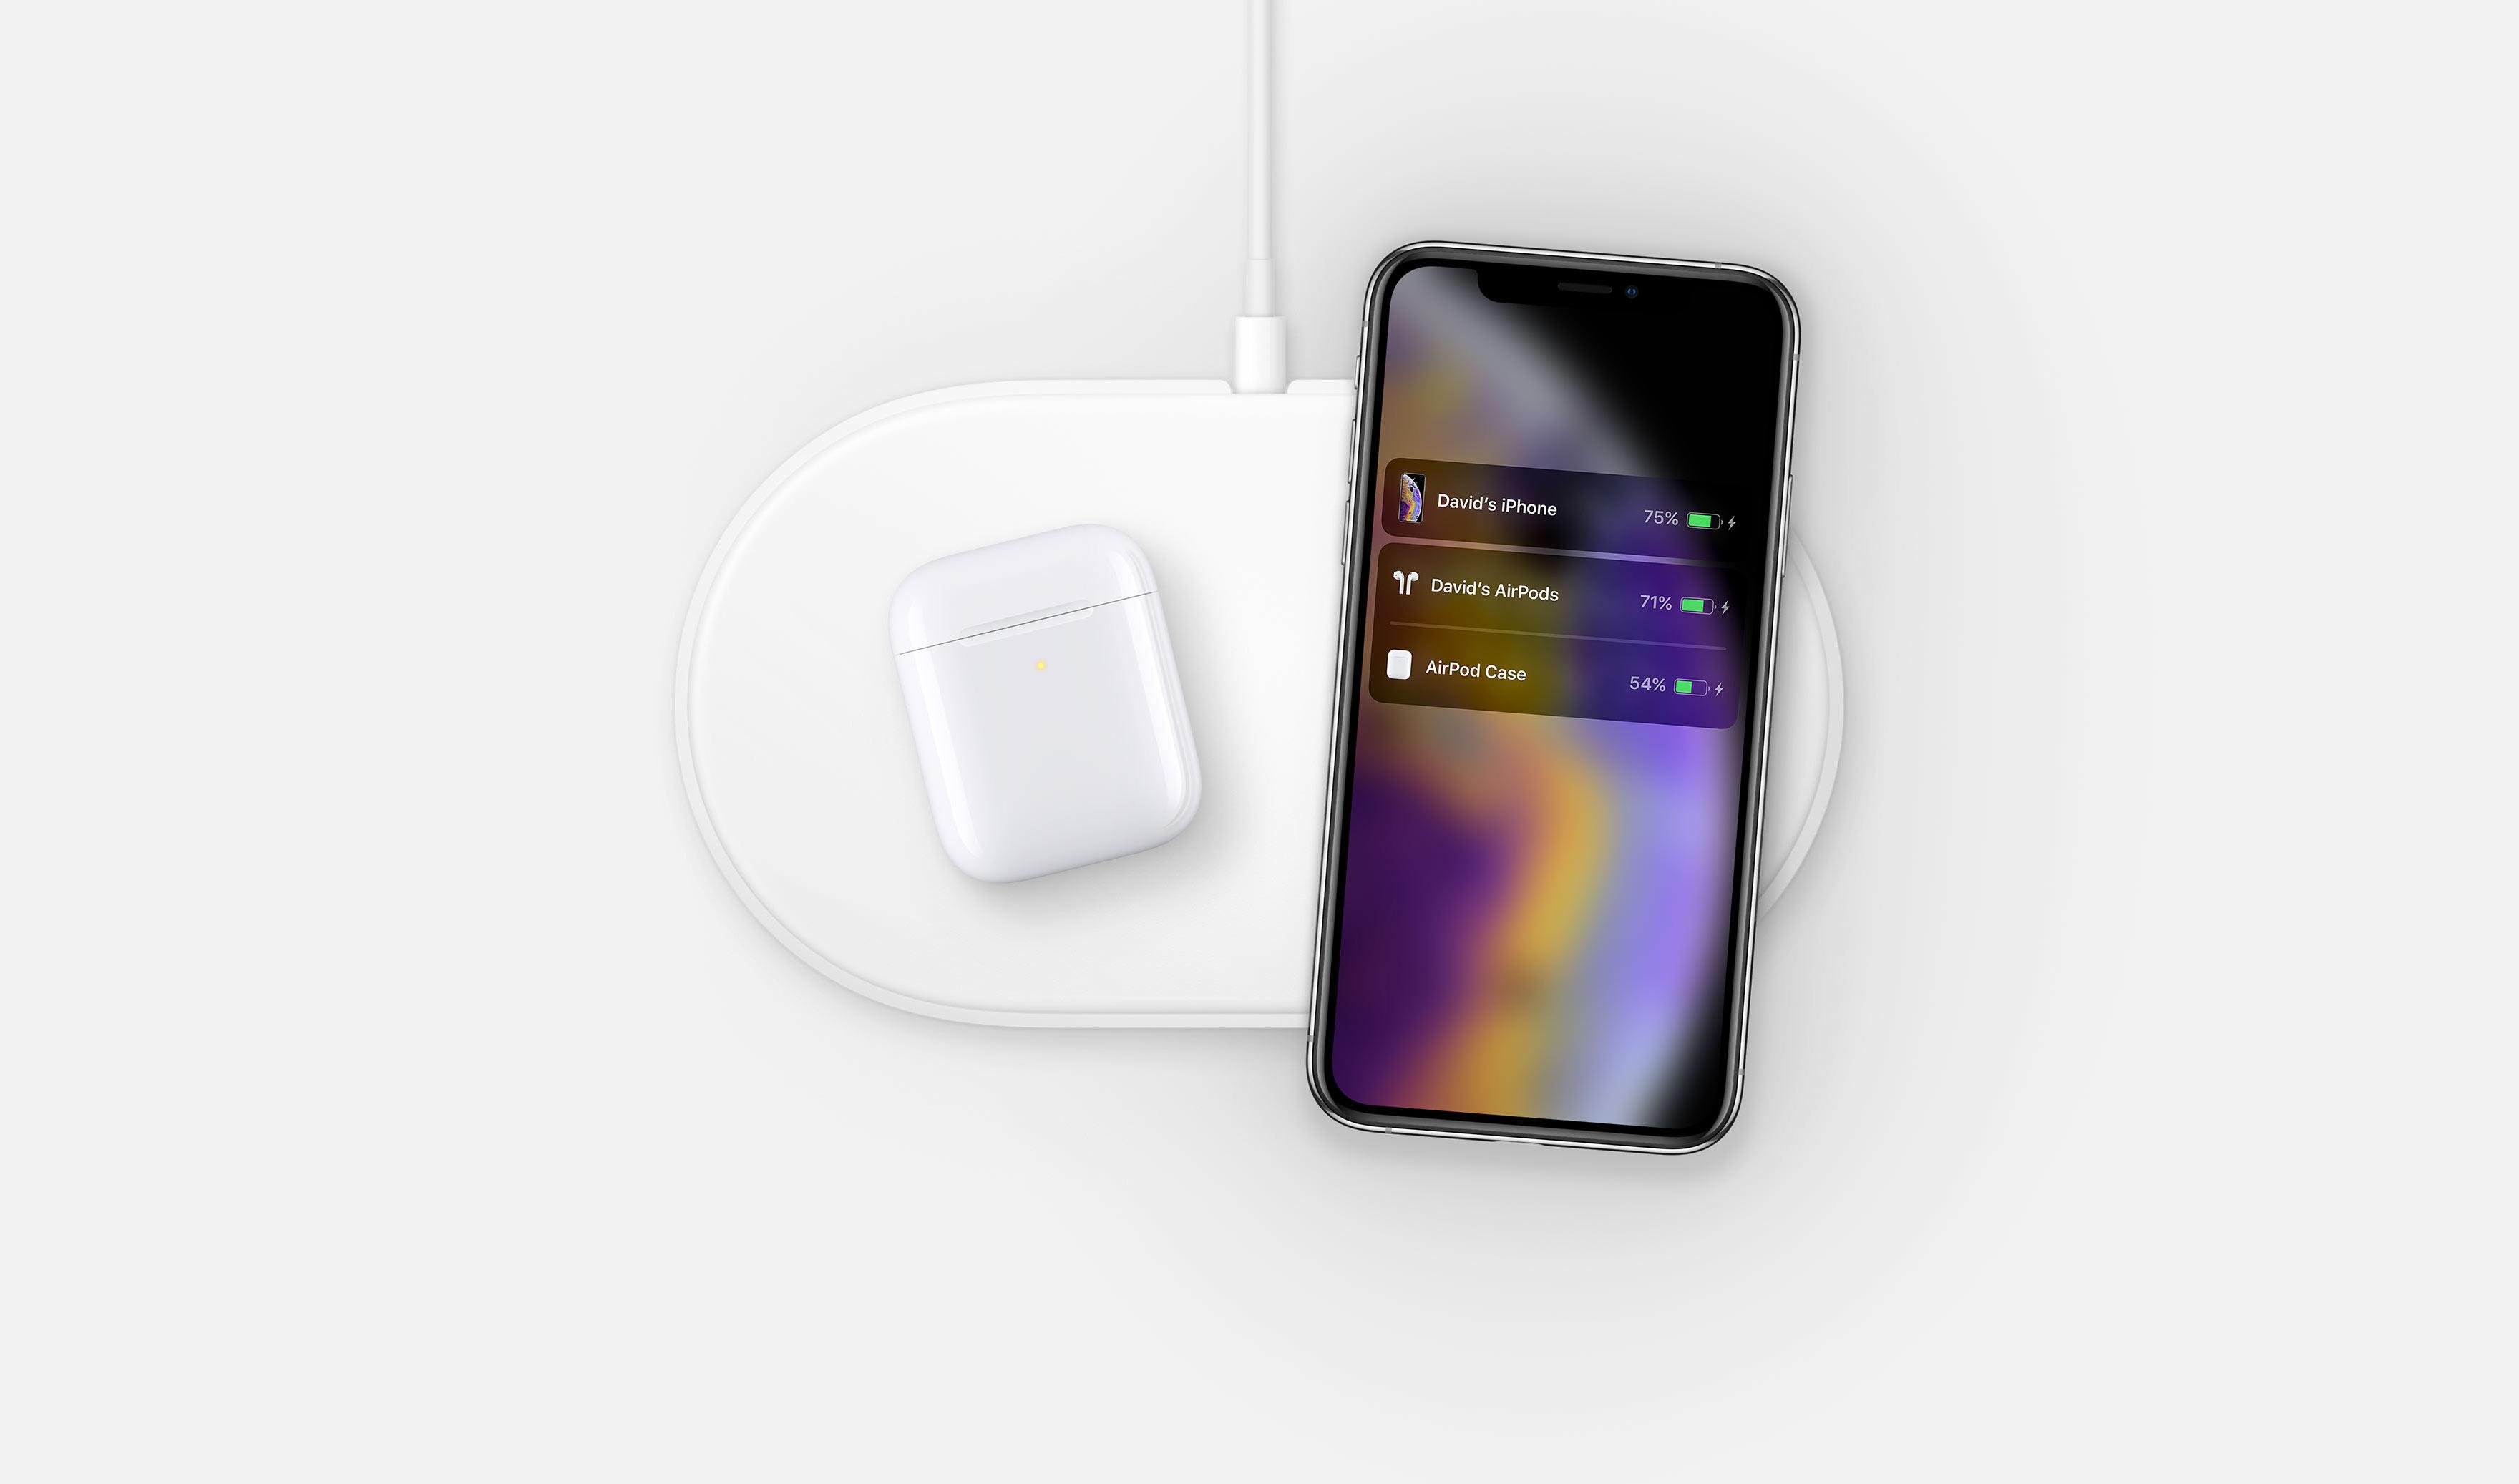 速報:Apple、ワイヤレス充電器「AirPower」の発売中止を発表